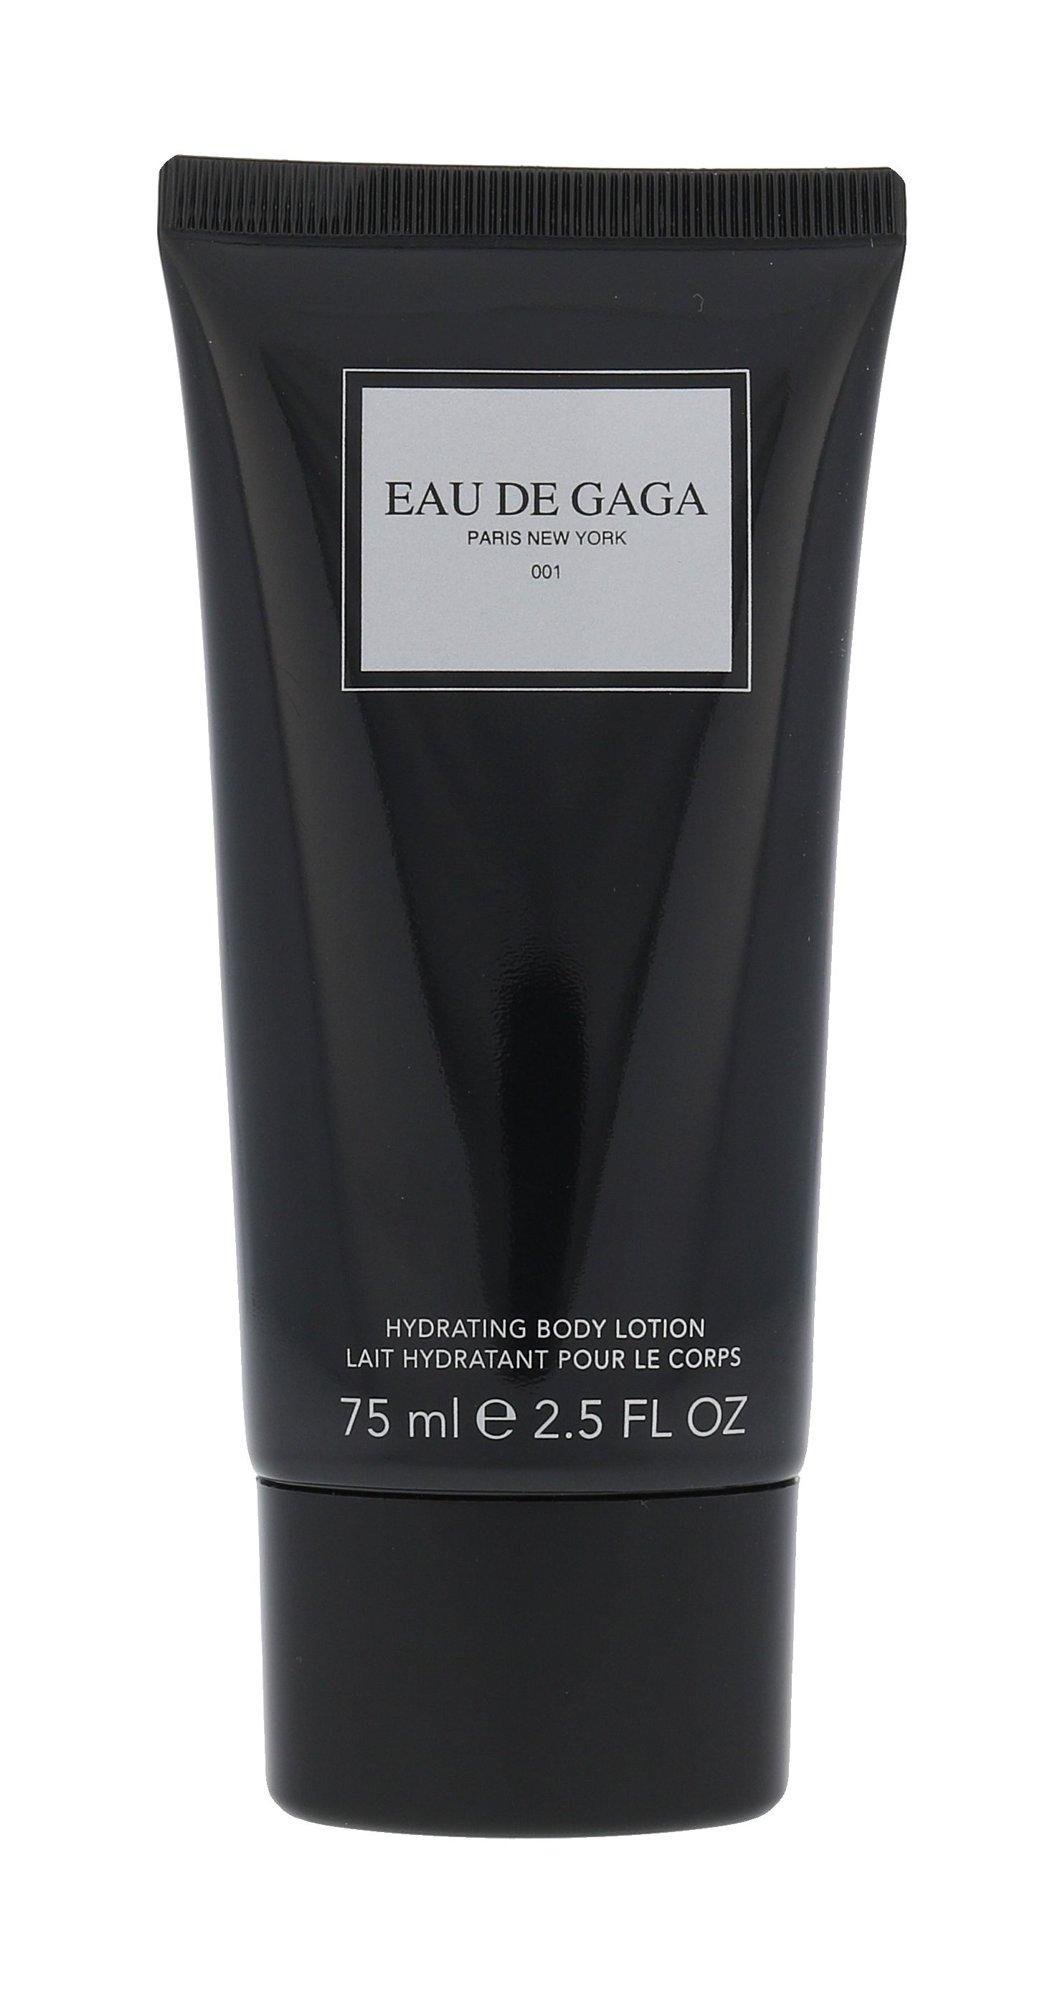 Lady Gaga Eau de Gaga 001 Body lotion 75ml